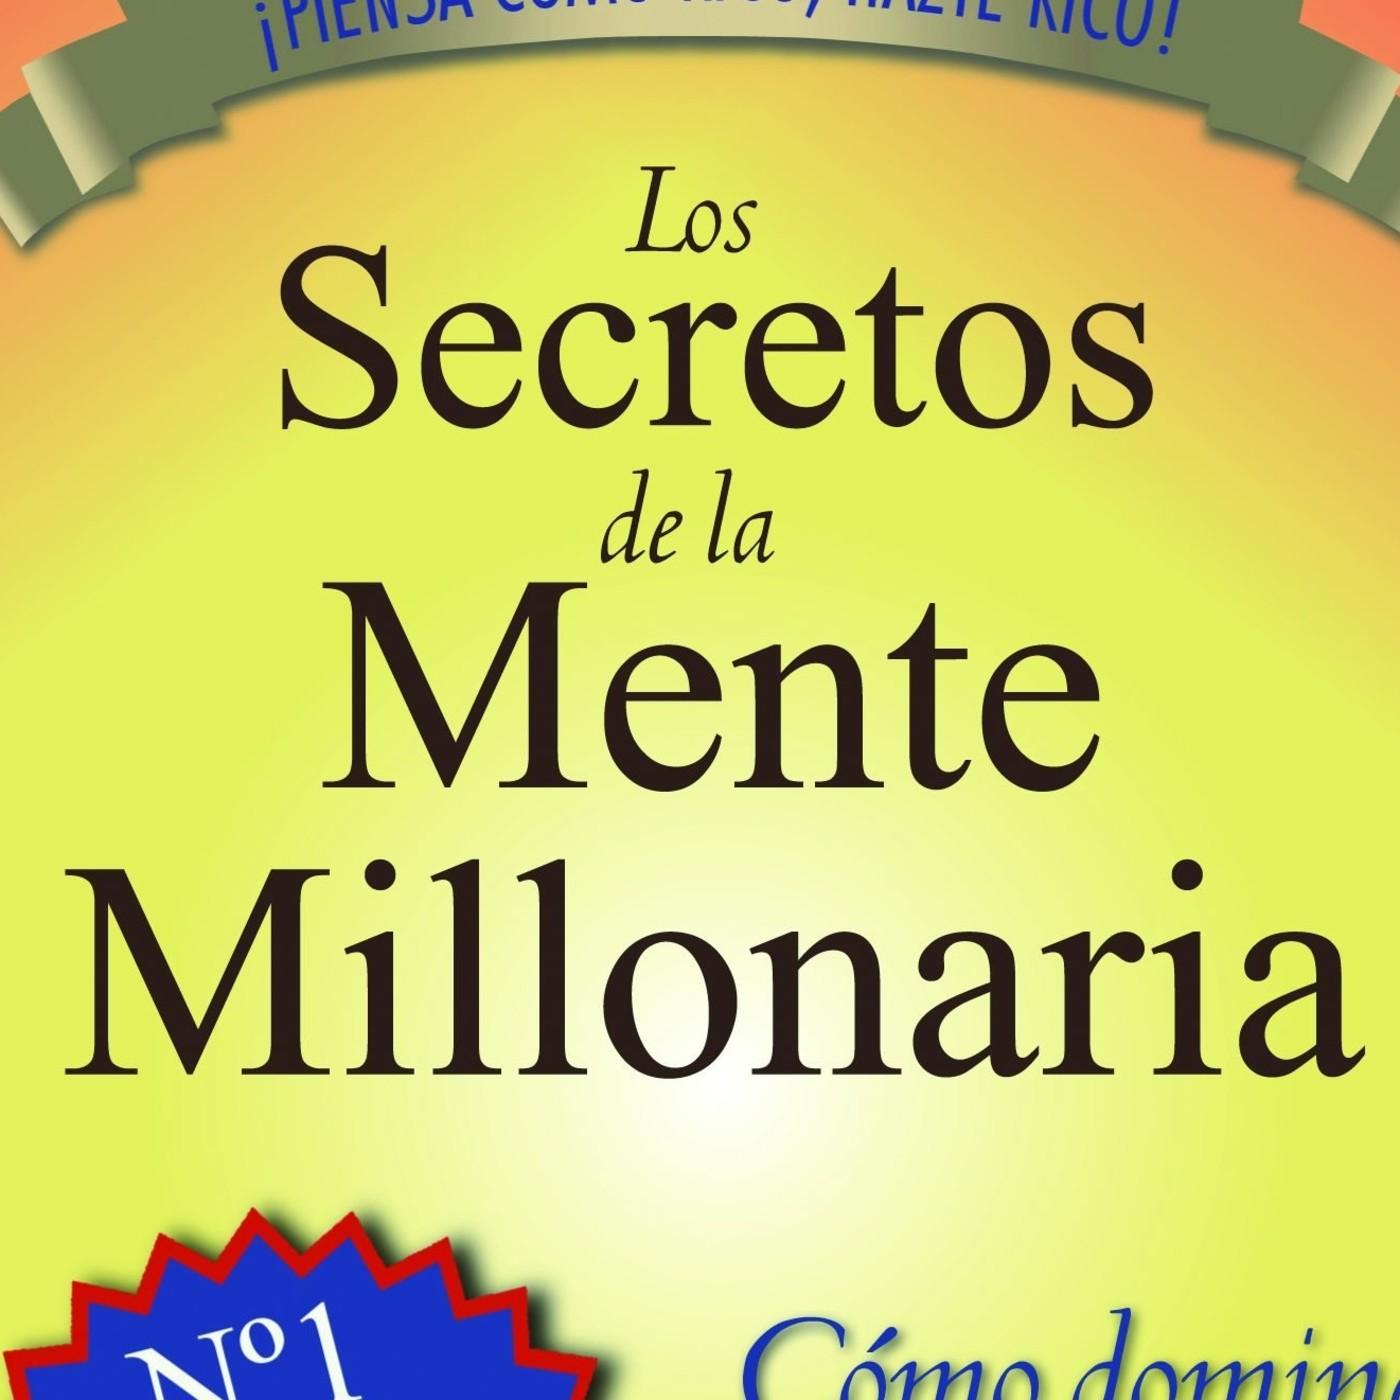 Los secretos de la mente millonaria en evolucionando e3 en mp3 22 11 a las 06 39 05 02 02 59 13860688 ivoox